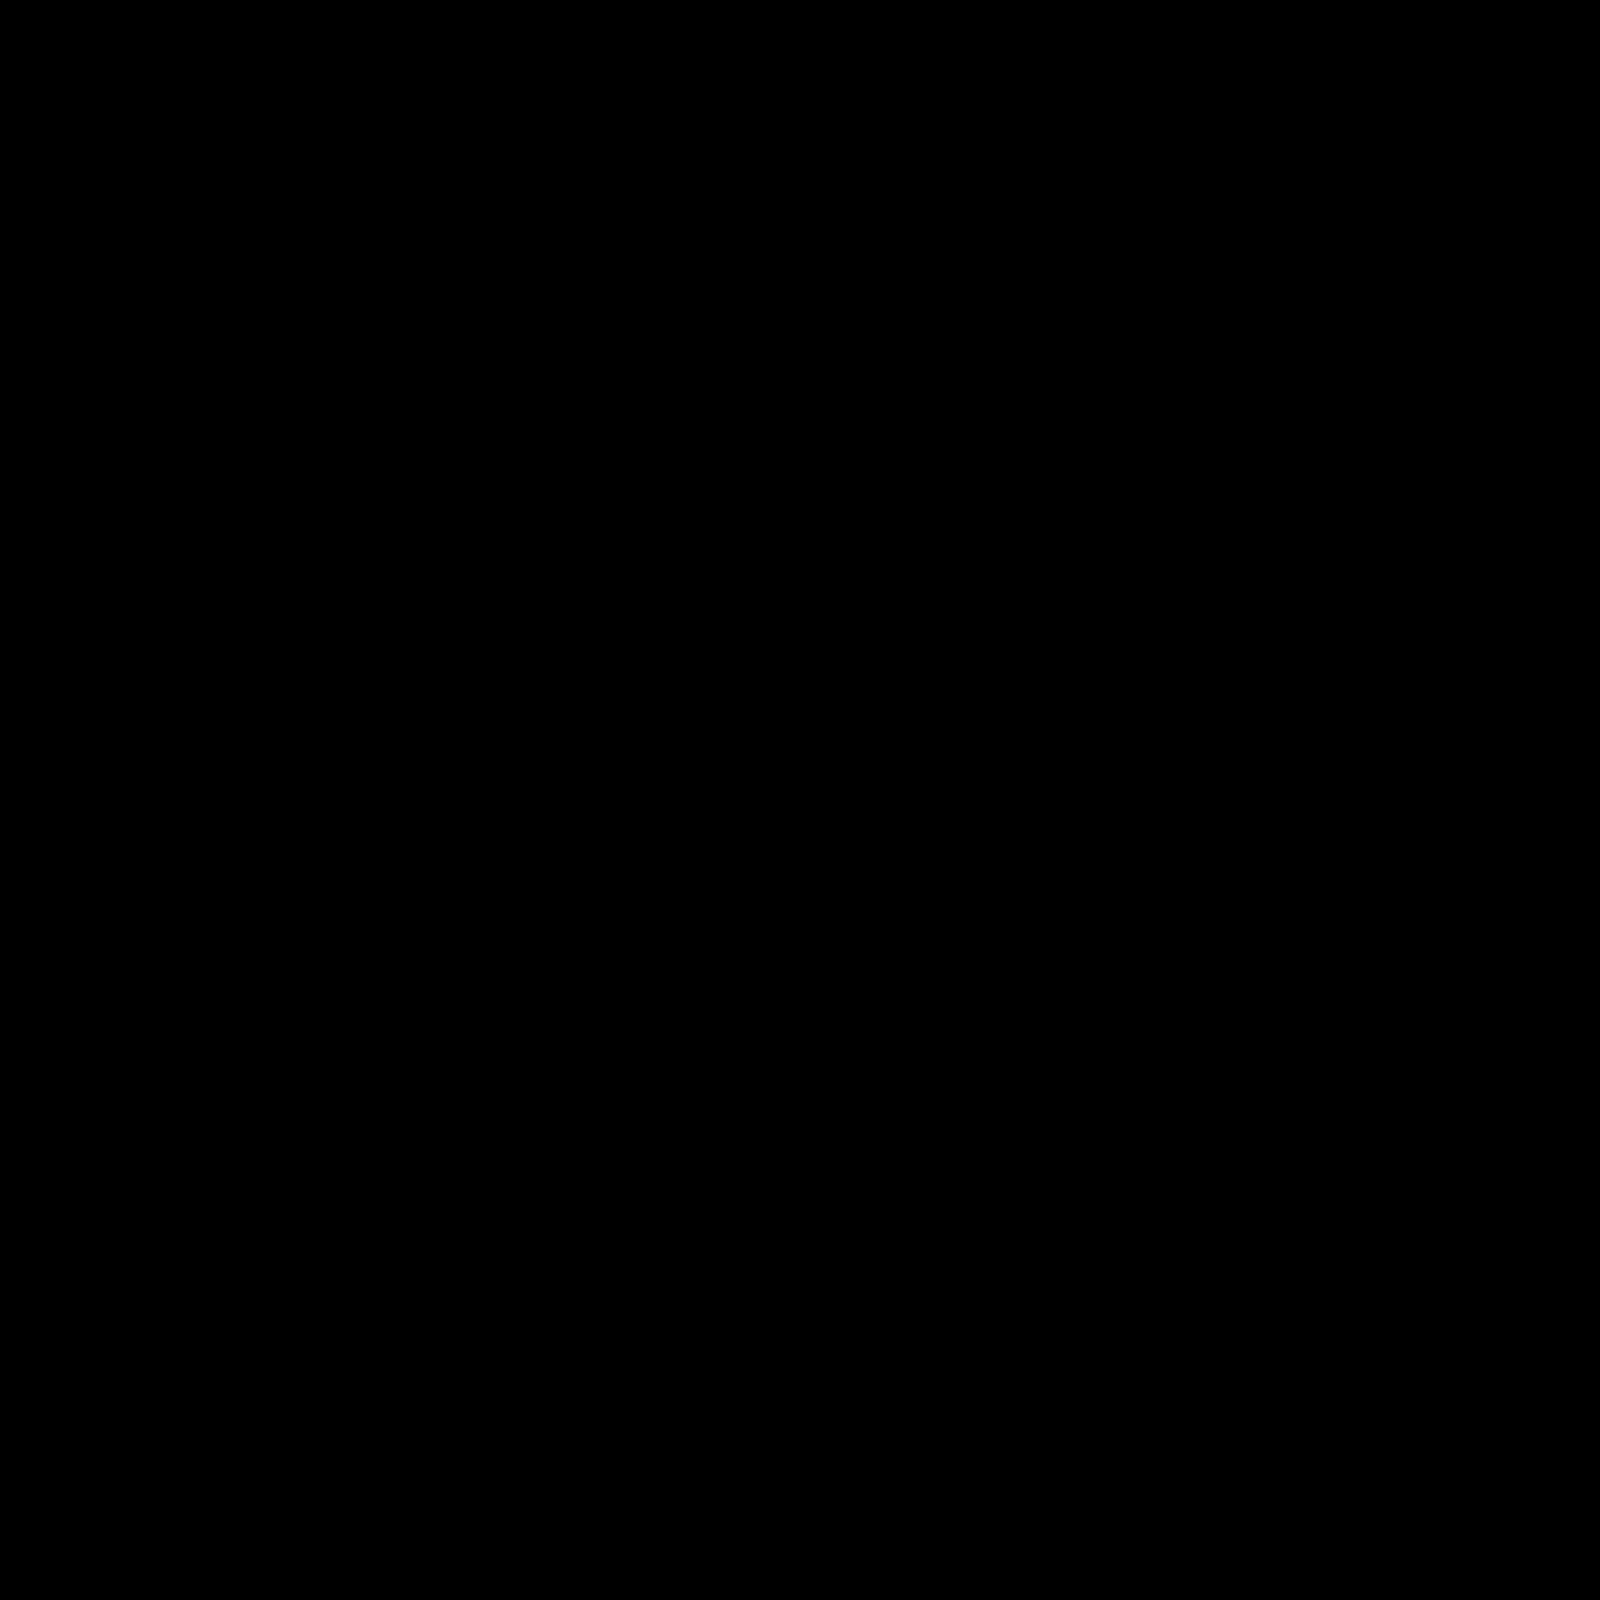 壁纸卷 icon